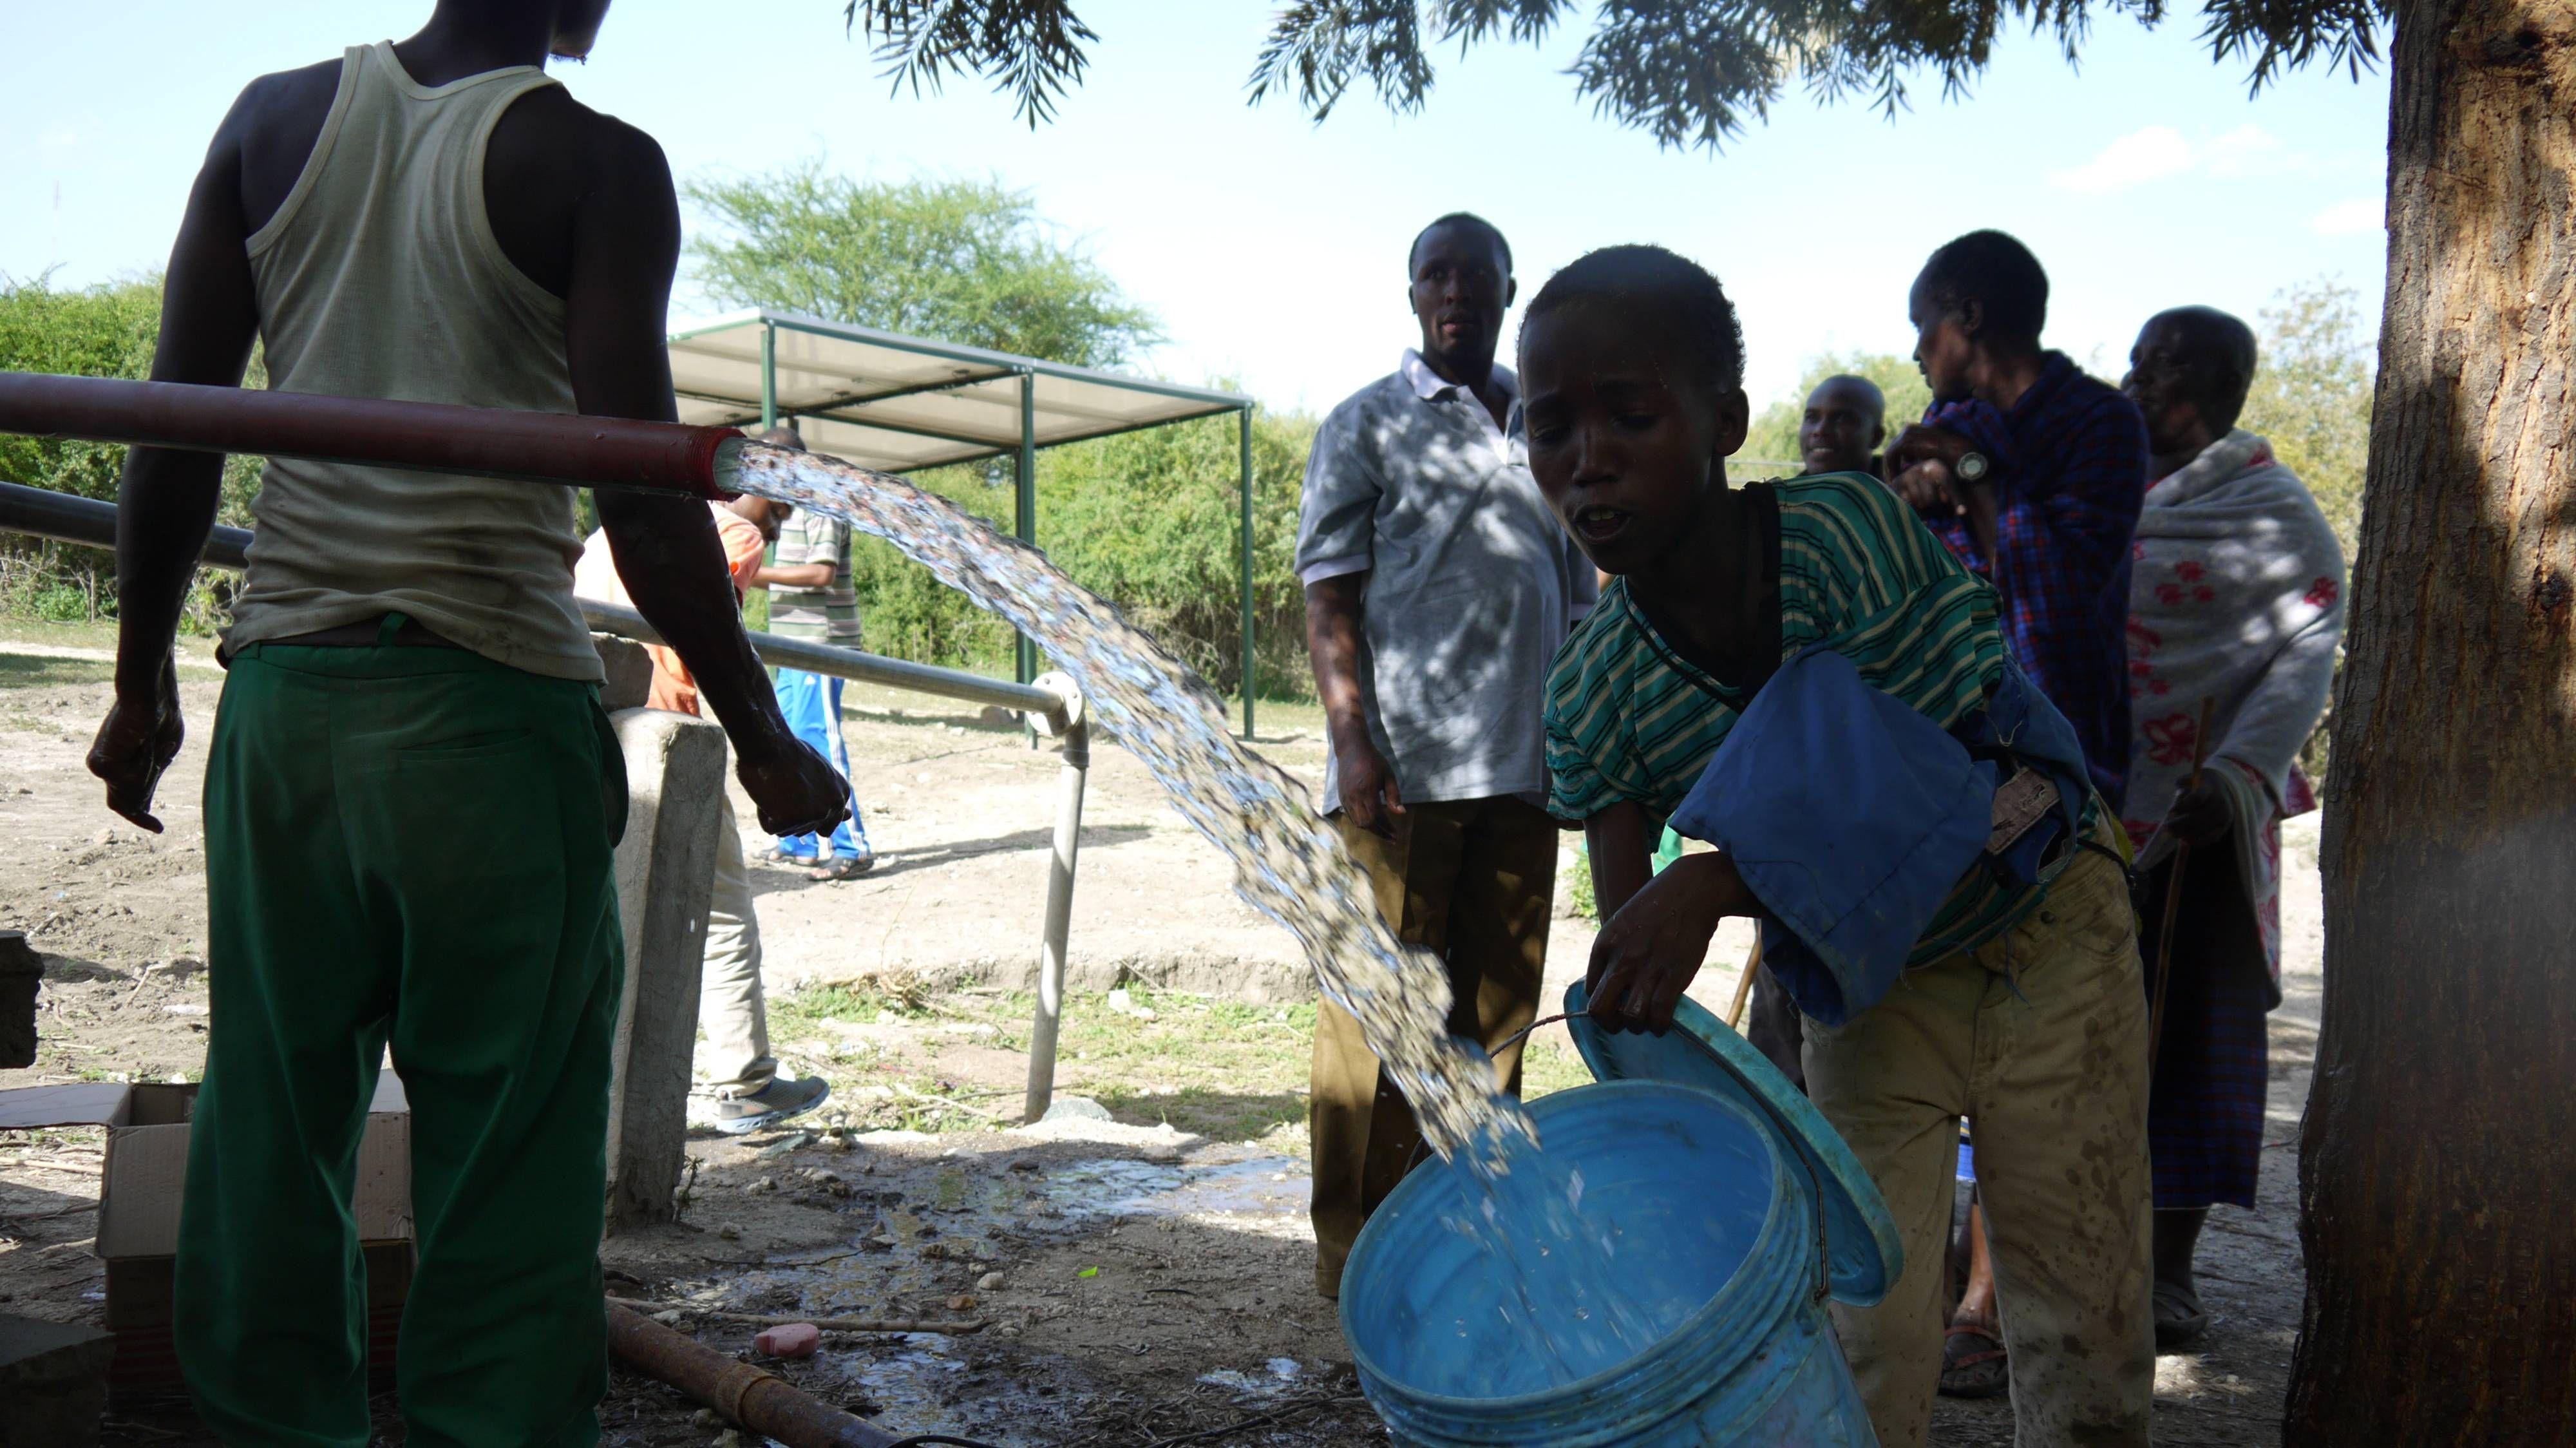 Ndedo | Tanzania<br/>